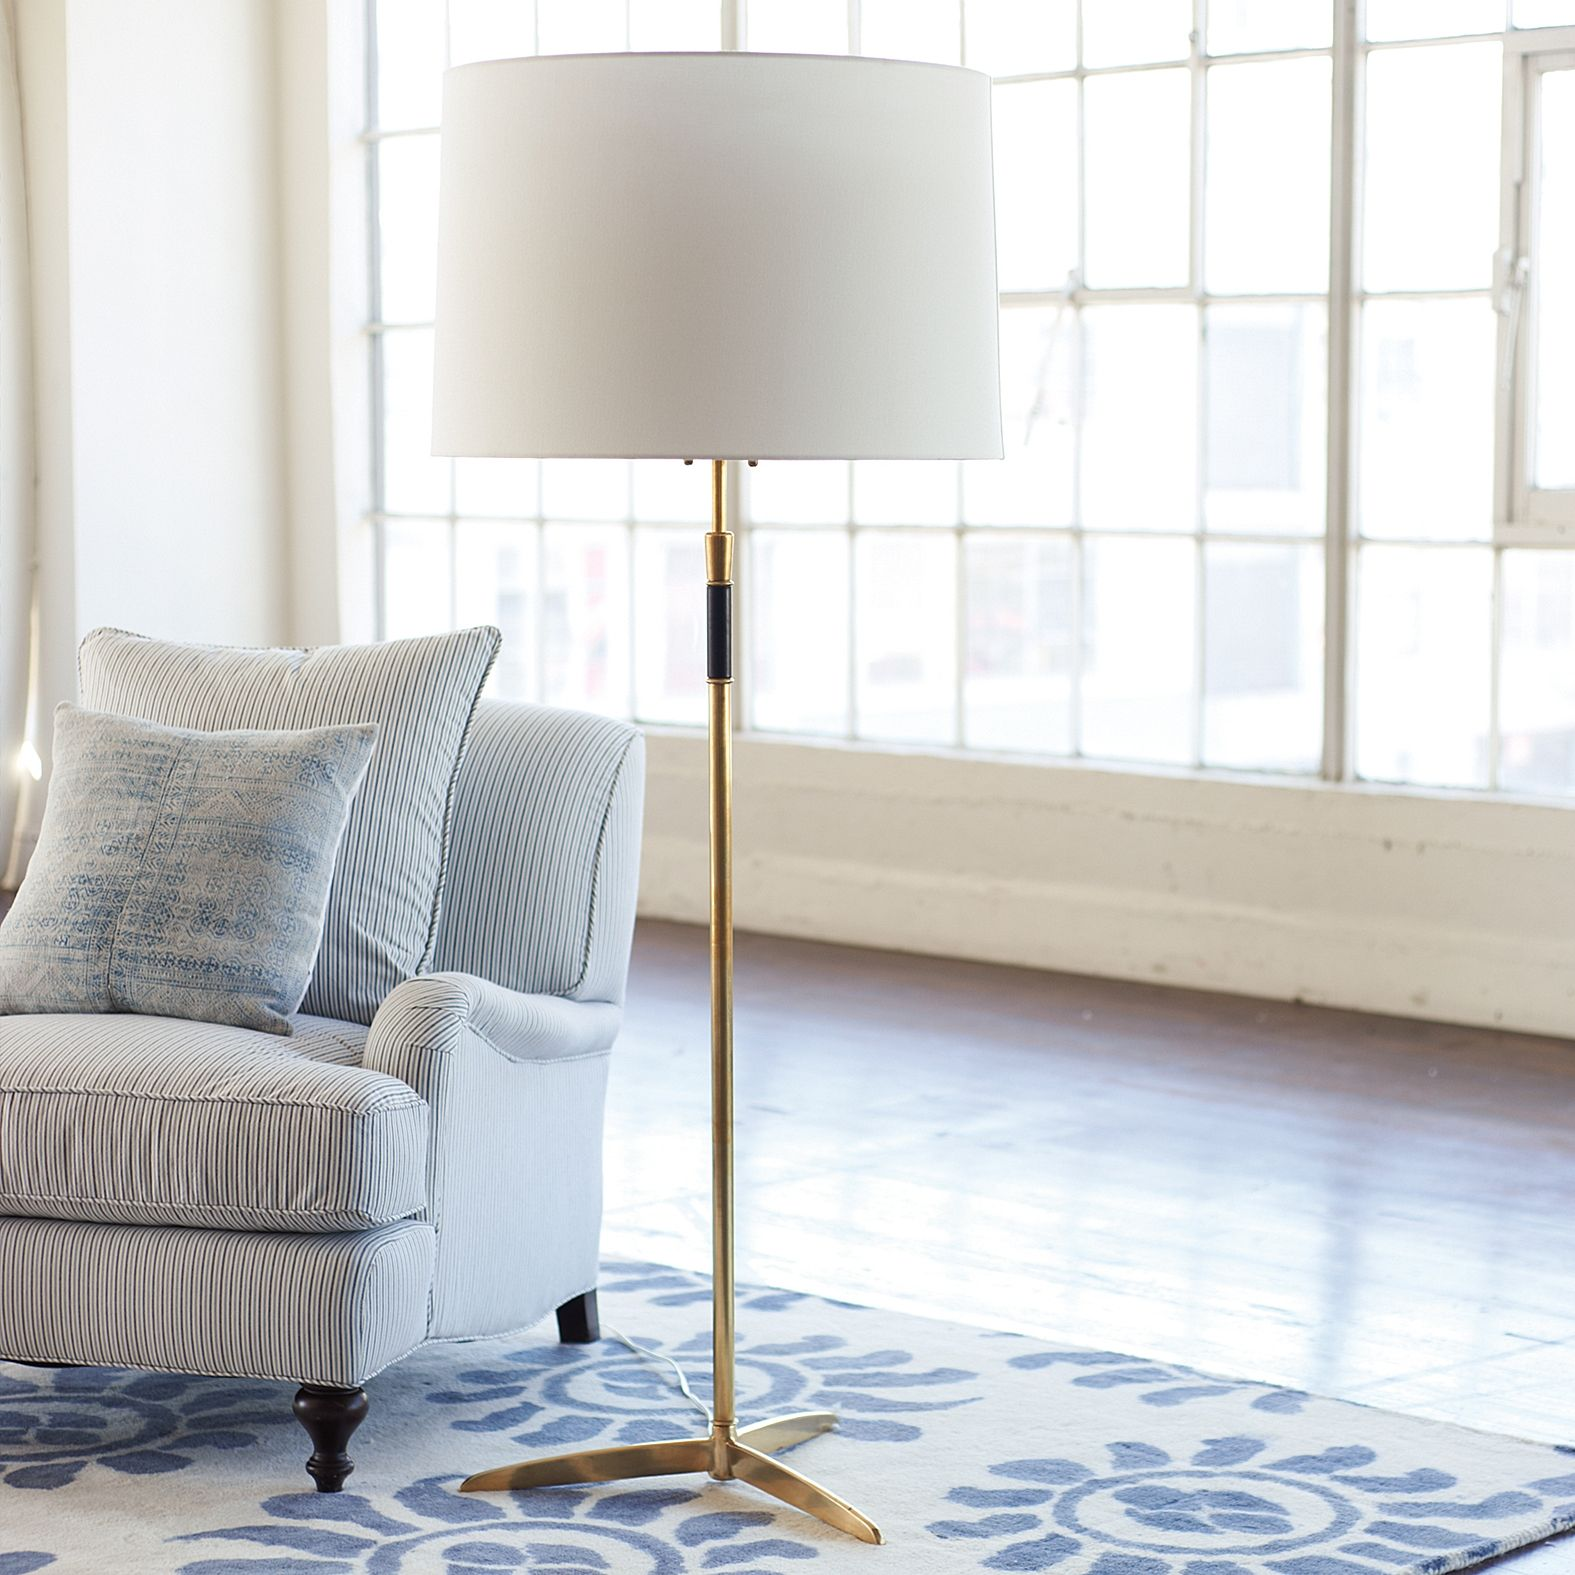 Cole Brass Floor Lamp Serena & Lily Sofa floor lamps